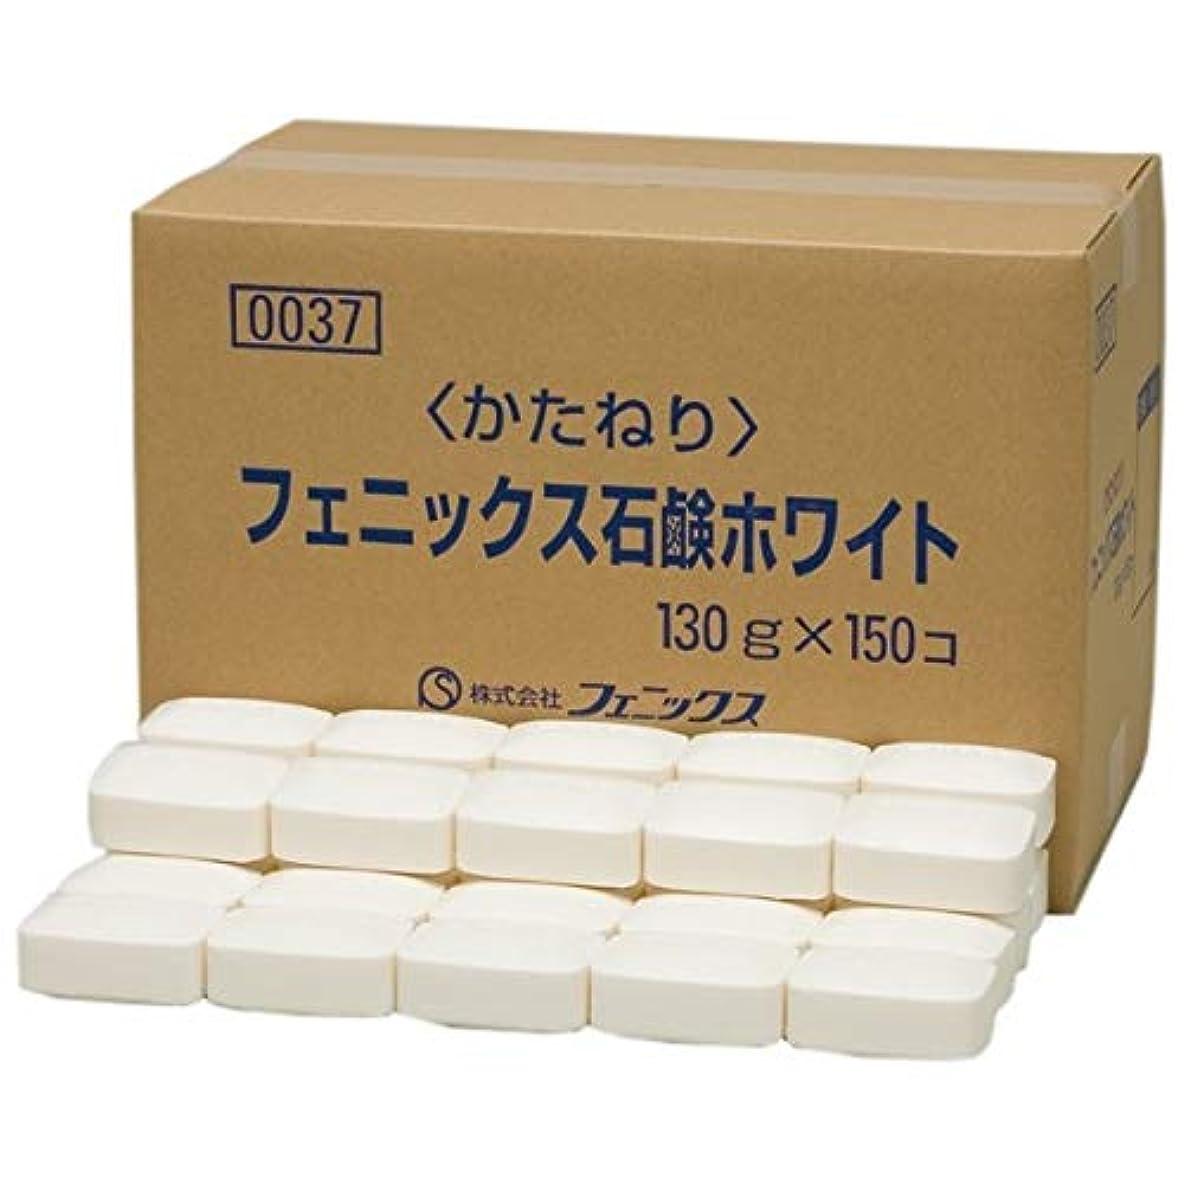 差別物理的にに沿ってフェニックスホワイト石鹸 130g×150個入